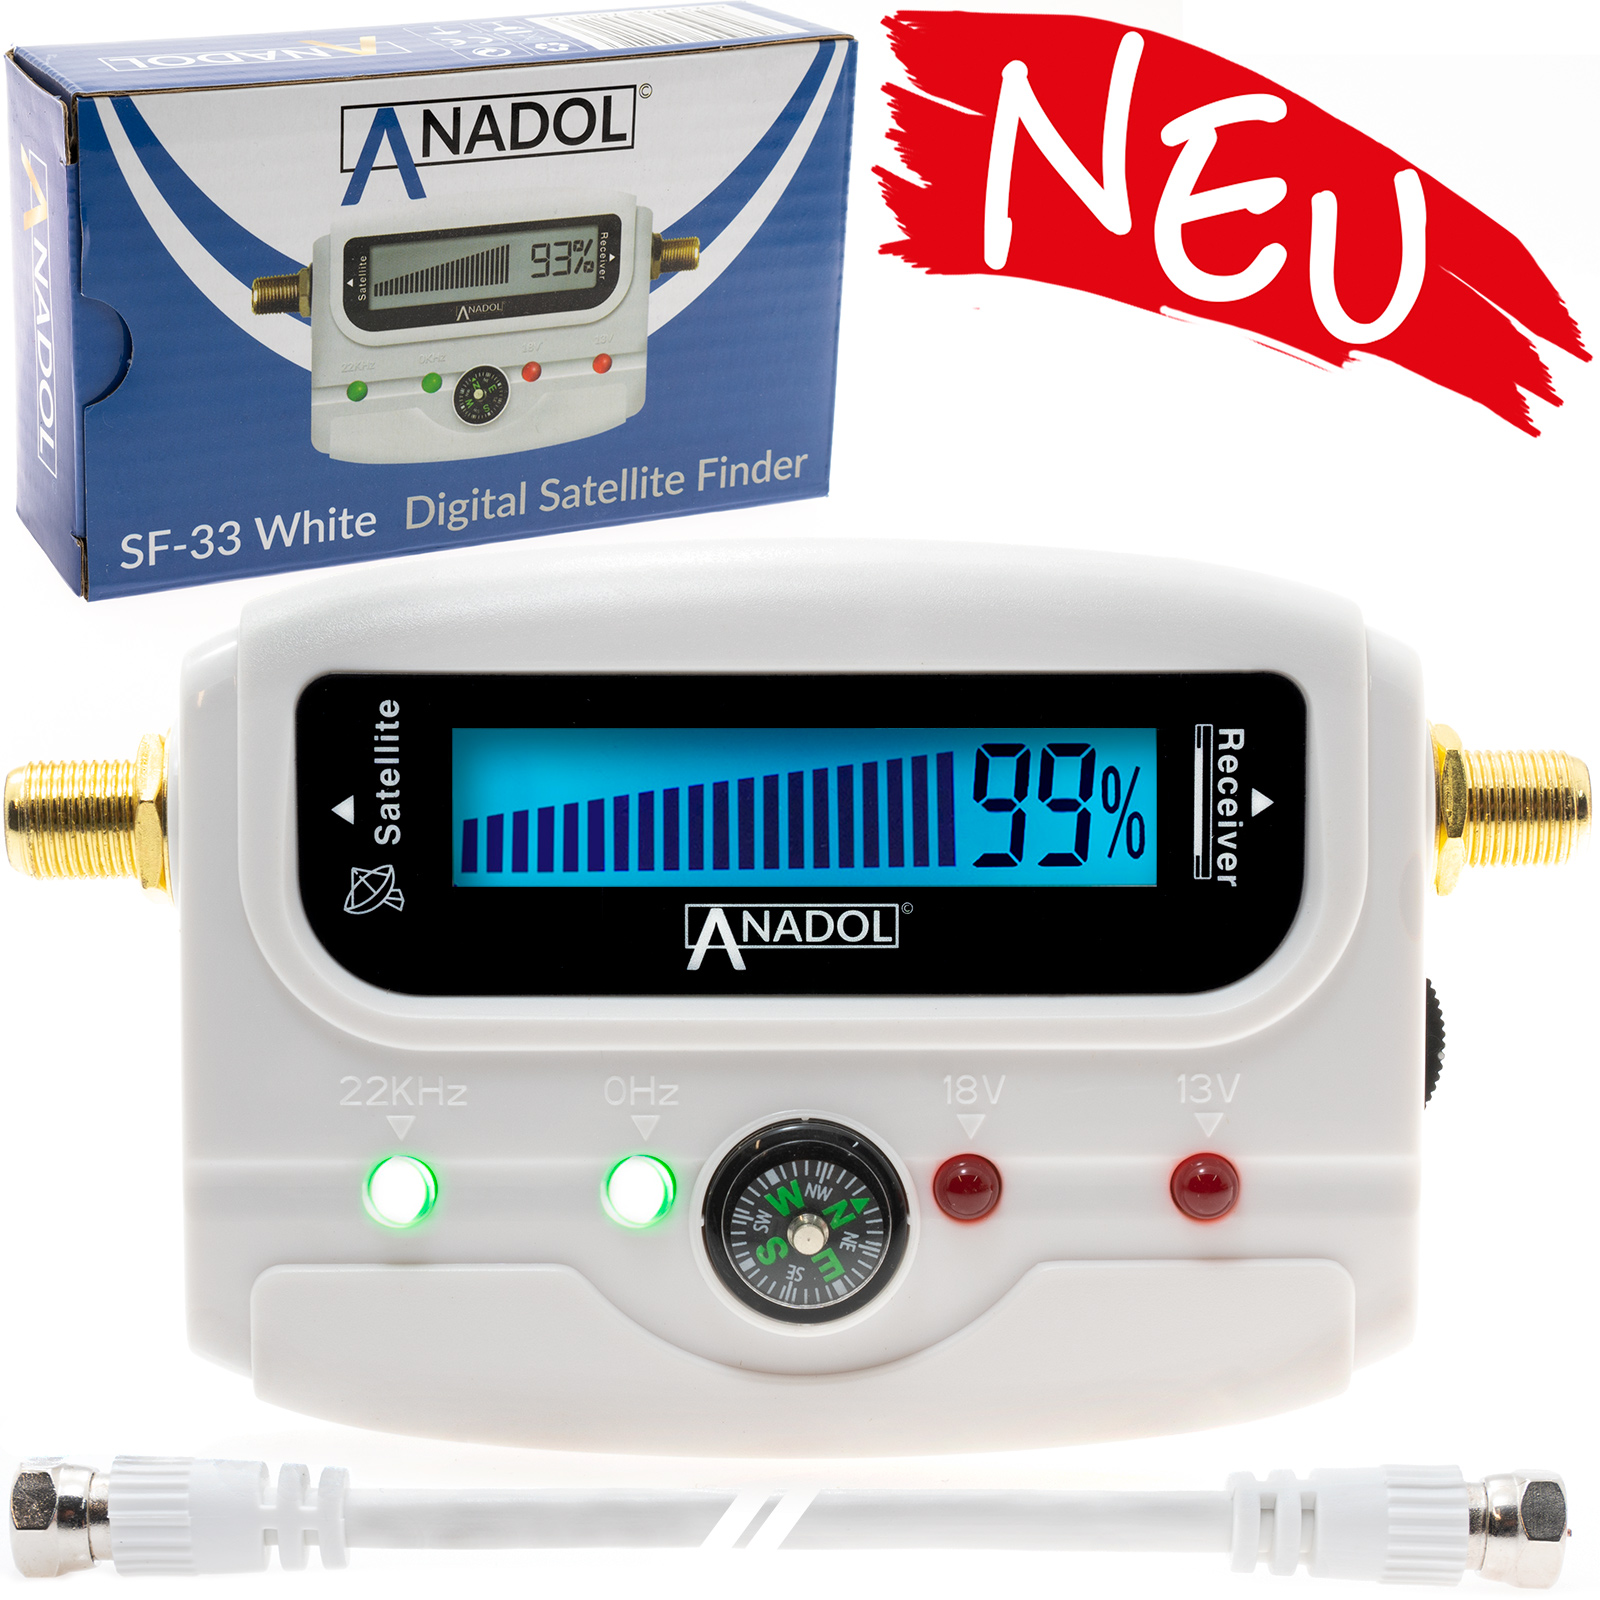 Anadol SF33 SATFINDER mit Display & Ton & Kompass Weiß